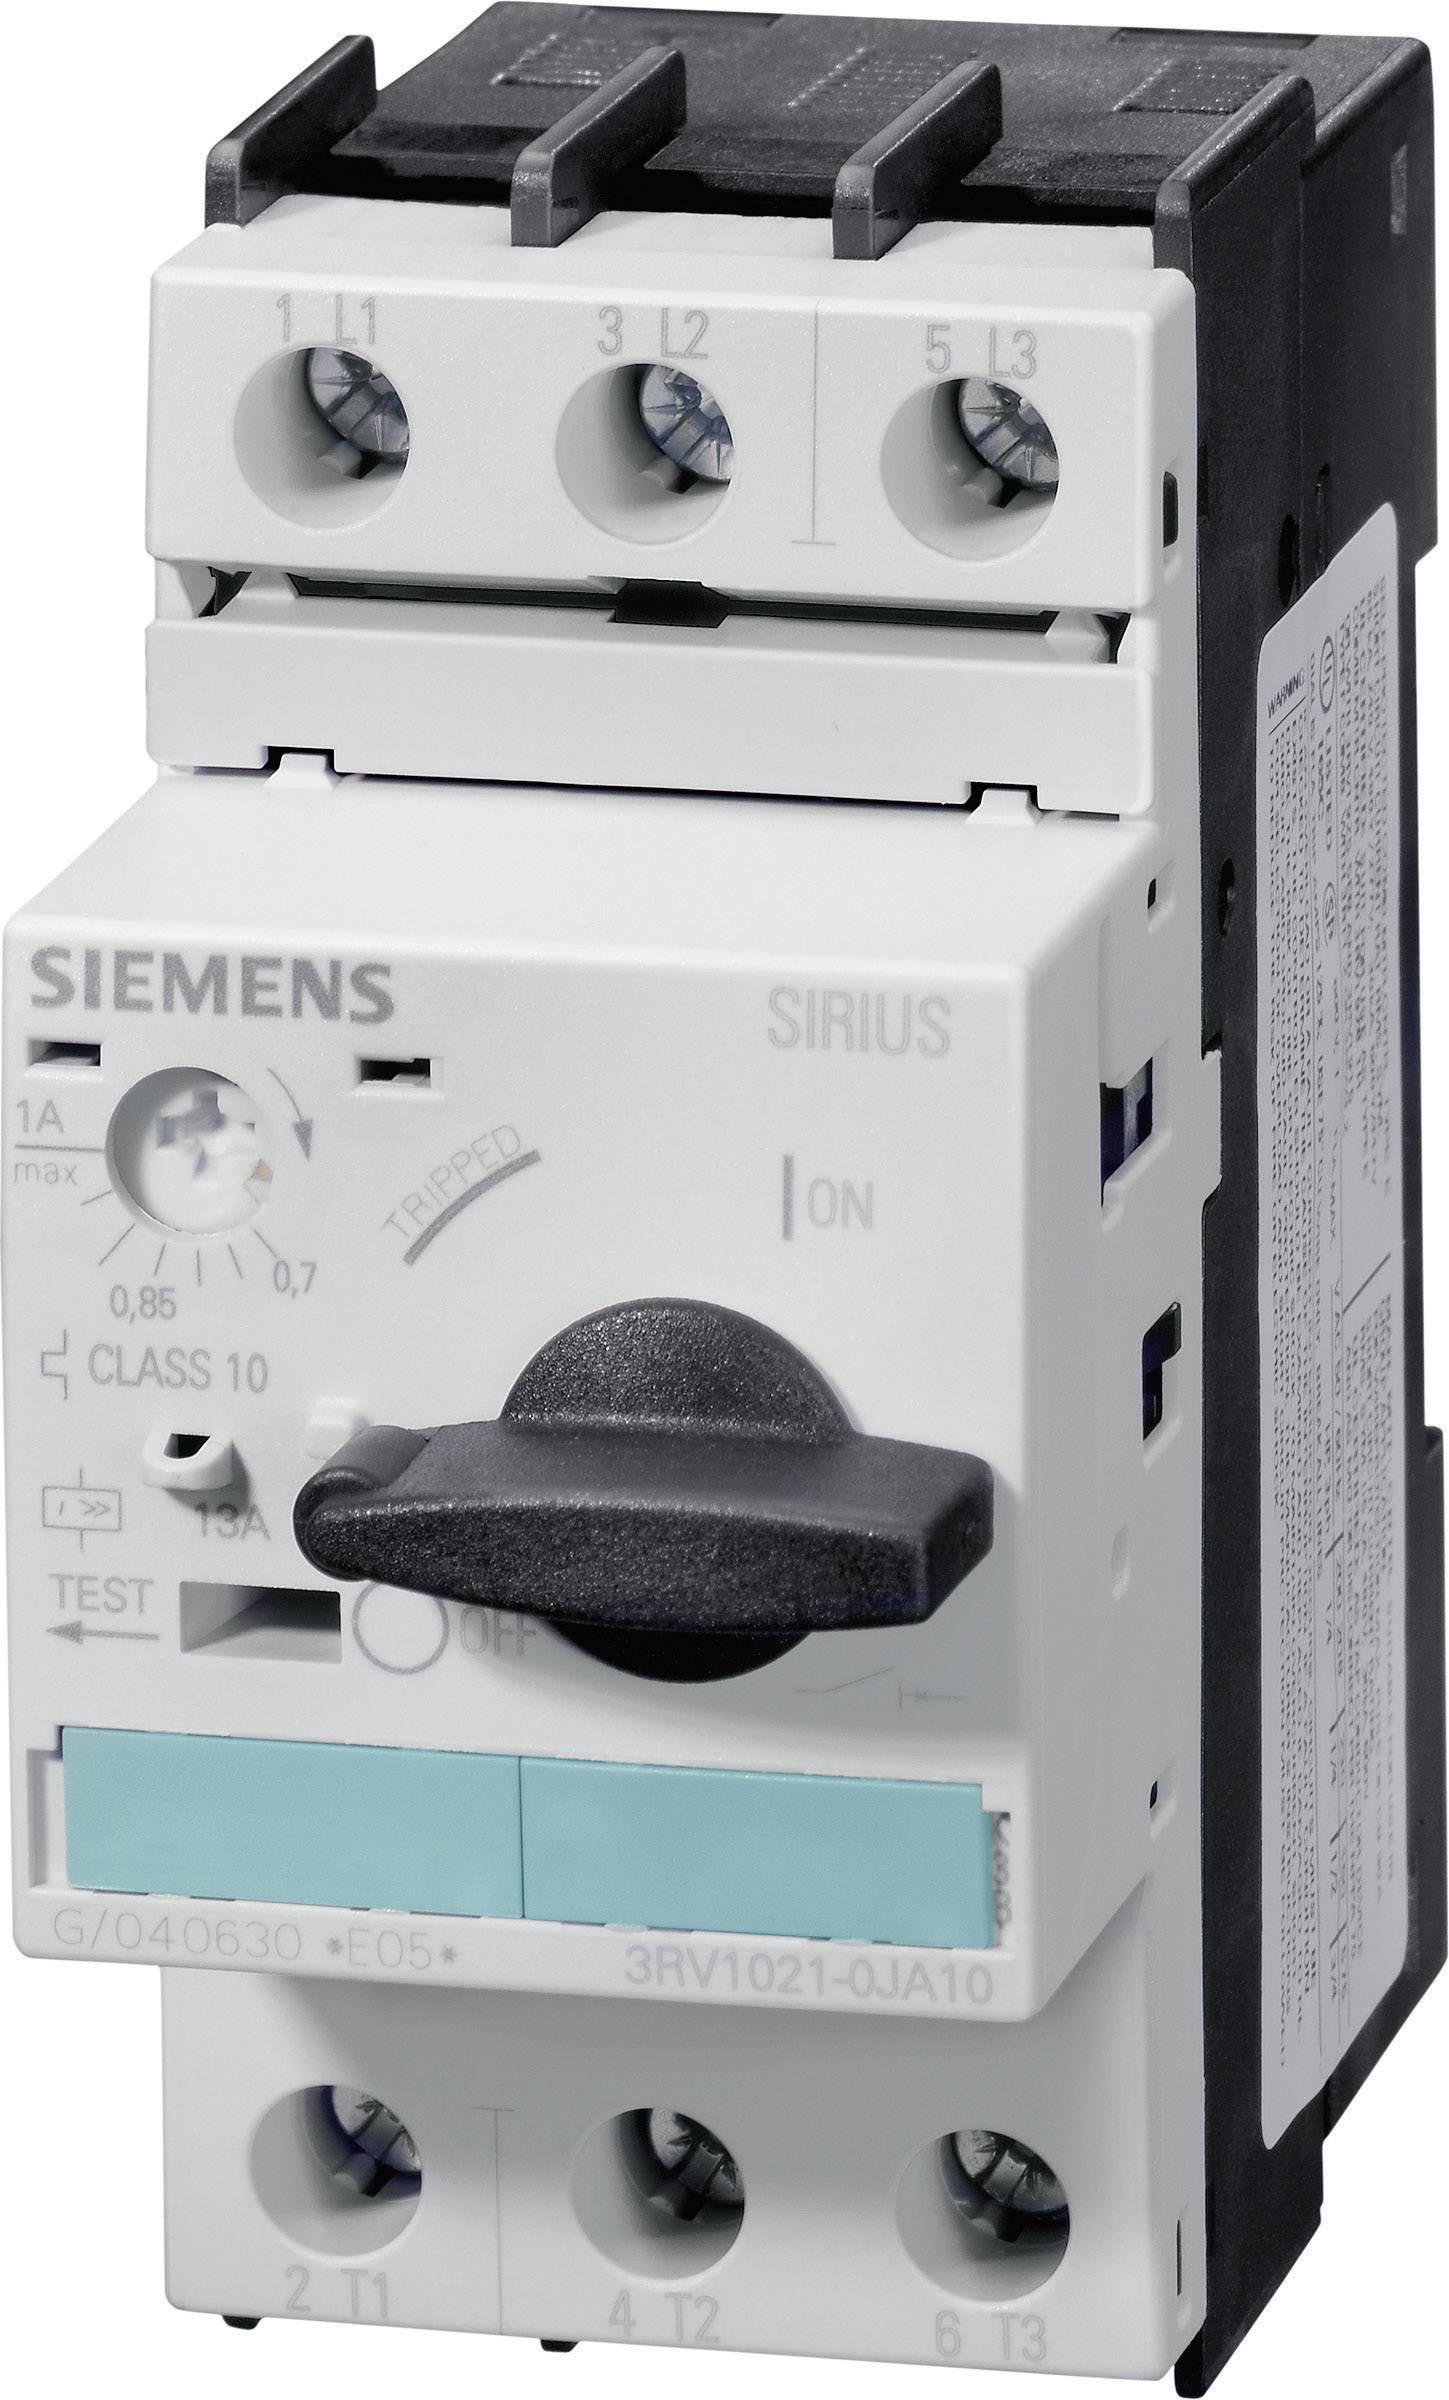 Výkonový spínač Siemens 3RV1021-4DA10, 20,0 - 25,0 A